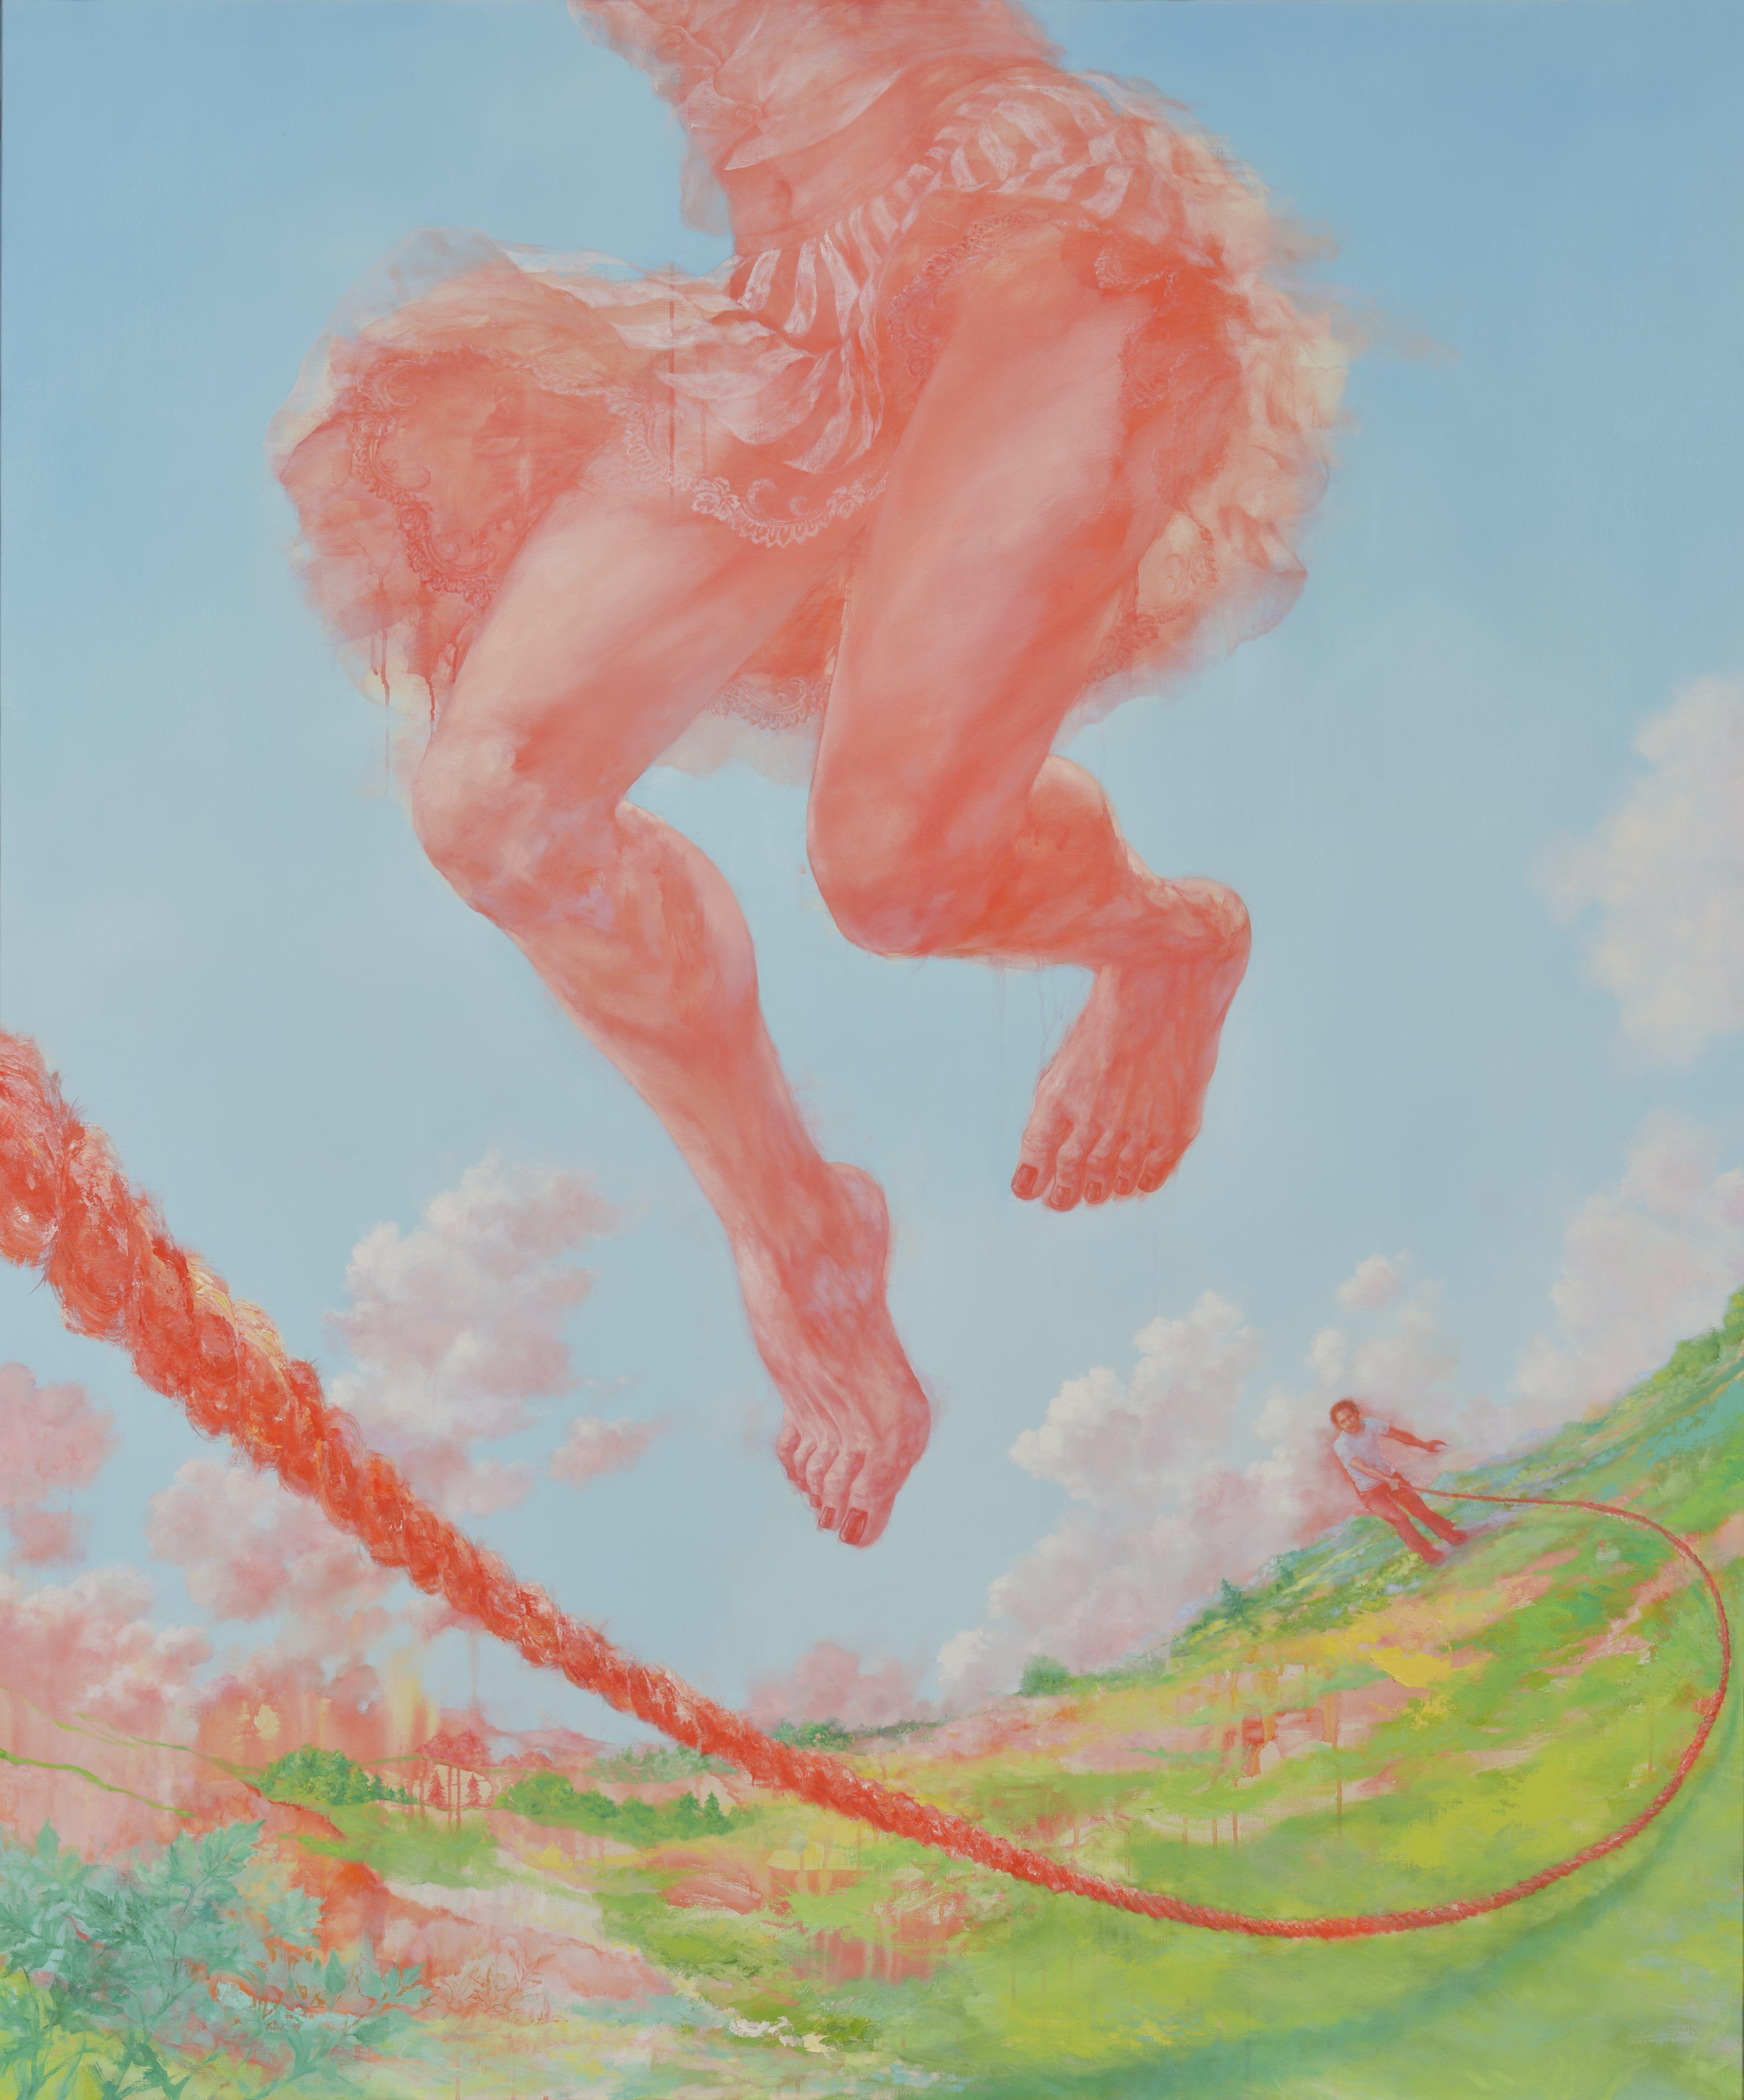 FACE2018 グランプリ 仙石 裕美《それが来るたびに跳ぶ 降り立つ地面は跳ぶ前のそれとは異なっている》 2017年 アクリル・油彩・キャンバス 194×162㎝